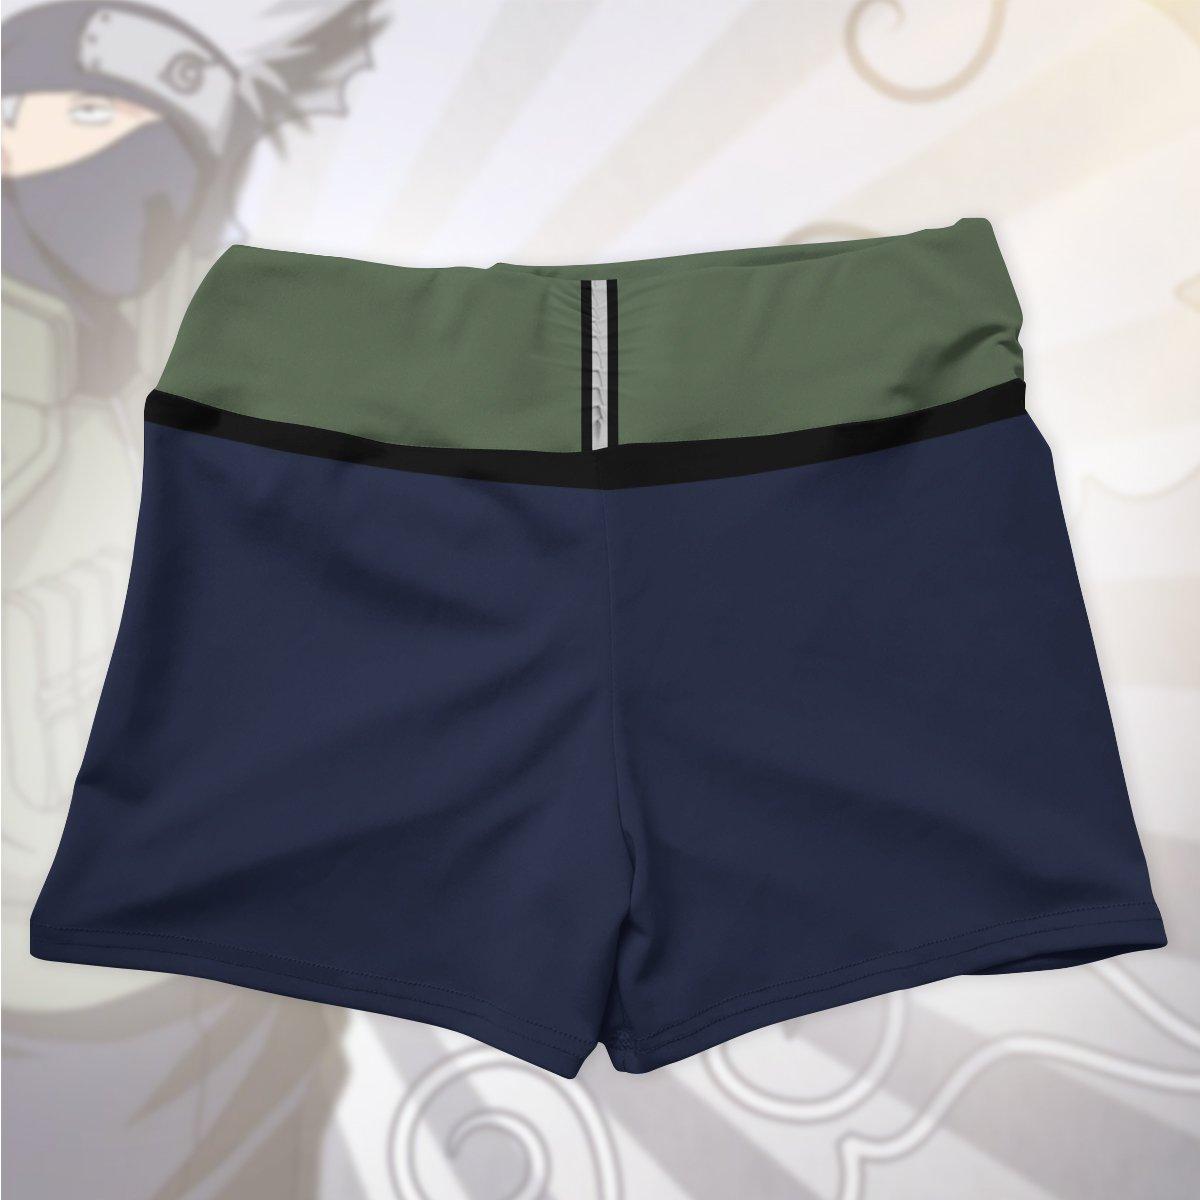 kakashi active wear set 923989 - Anime Swimsuits